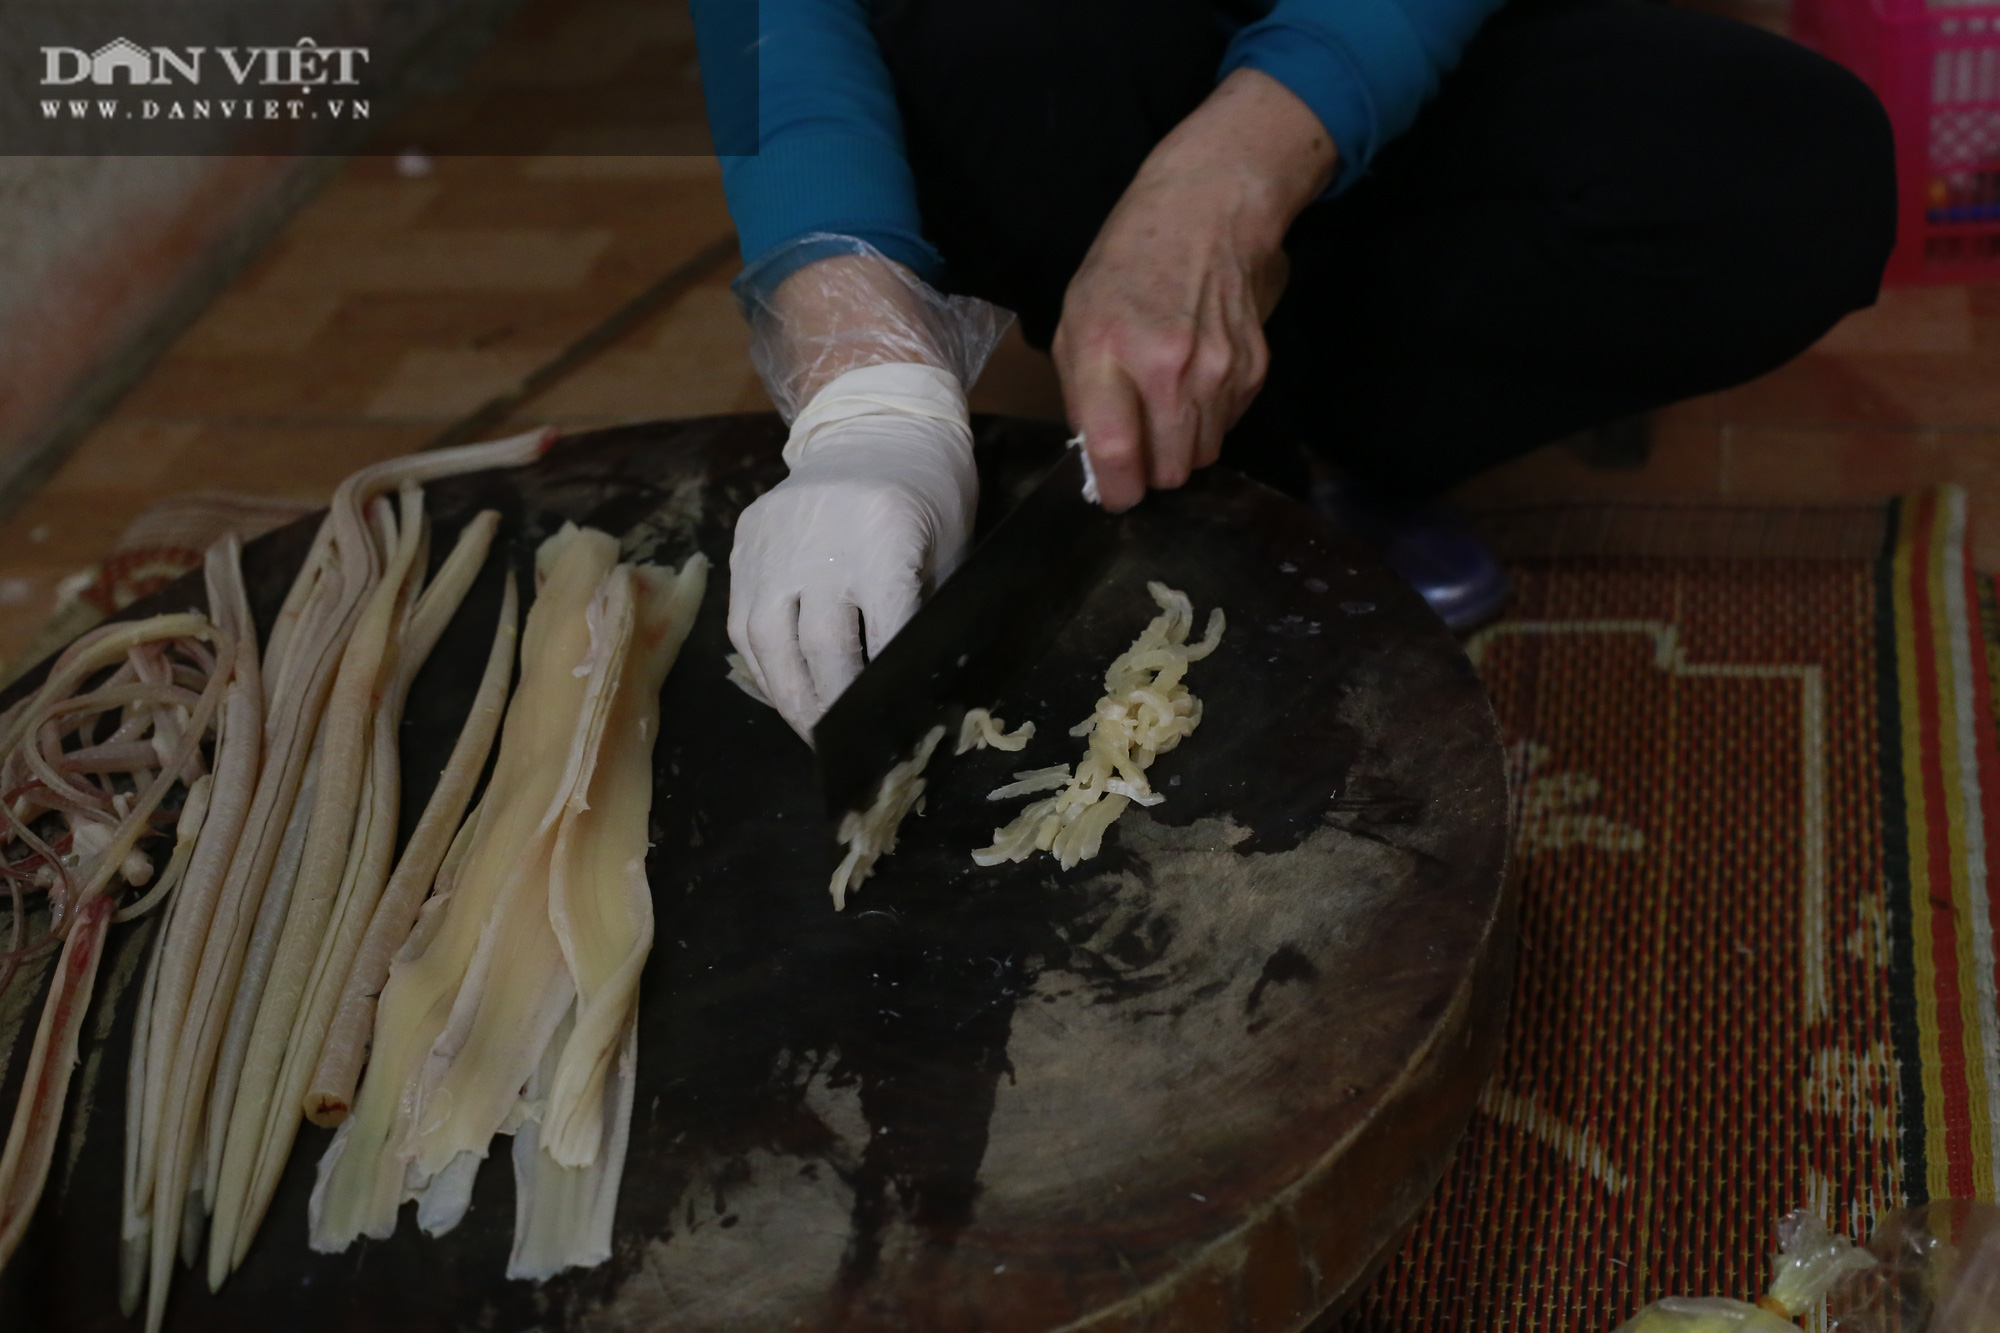 Thanh Hóa: Giống lươn nhưng lại là cá, con đặc sản này làm gỏi chấm với thứ nước đọc đau cả mồm ăn bao phê - Ảnh 4.